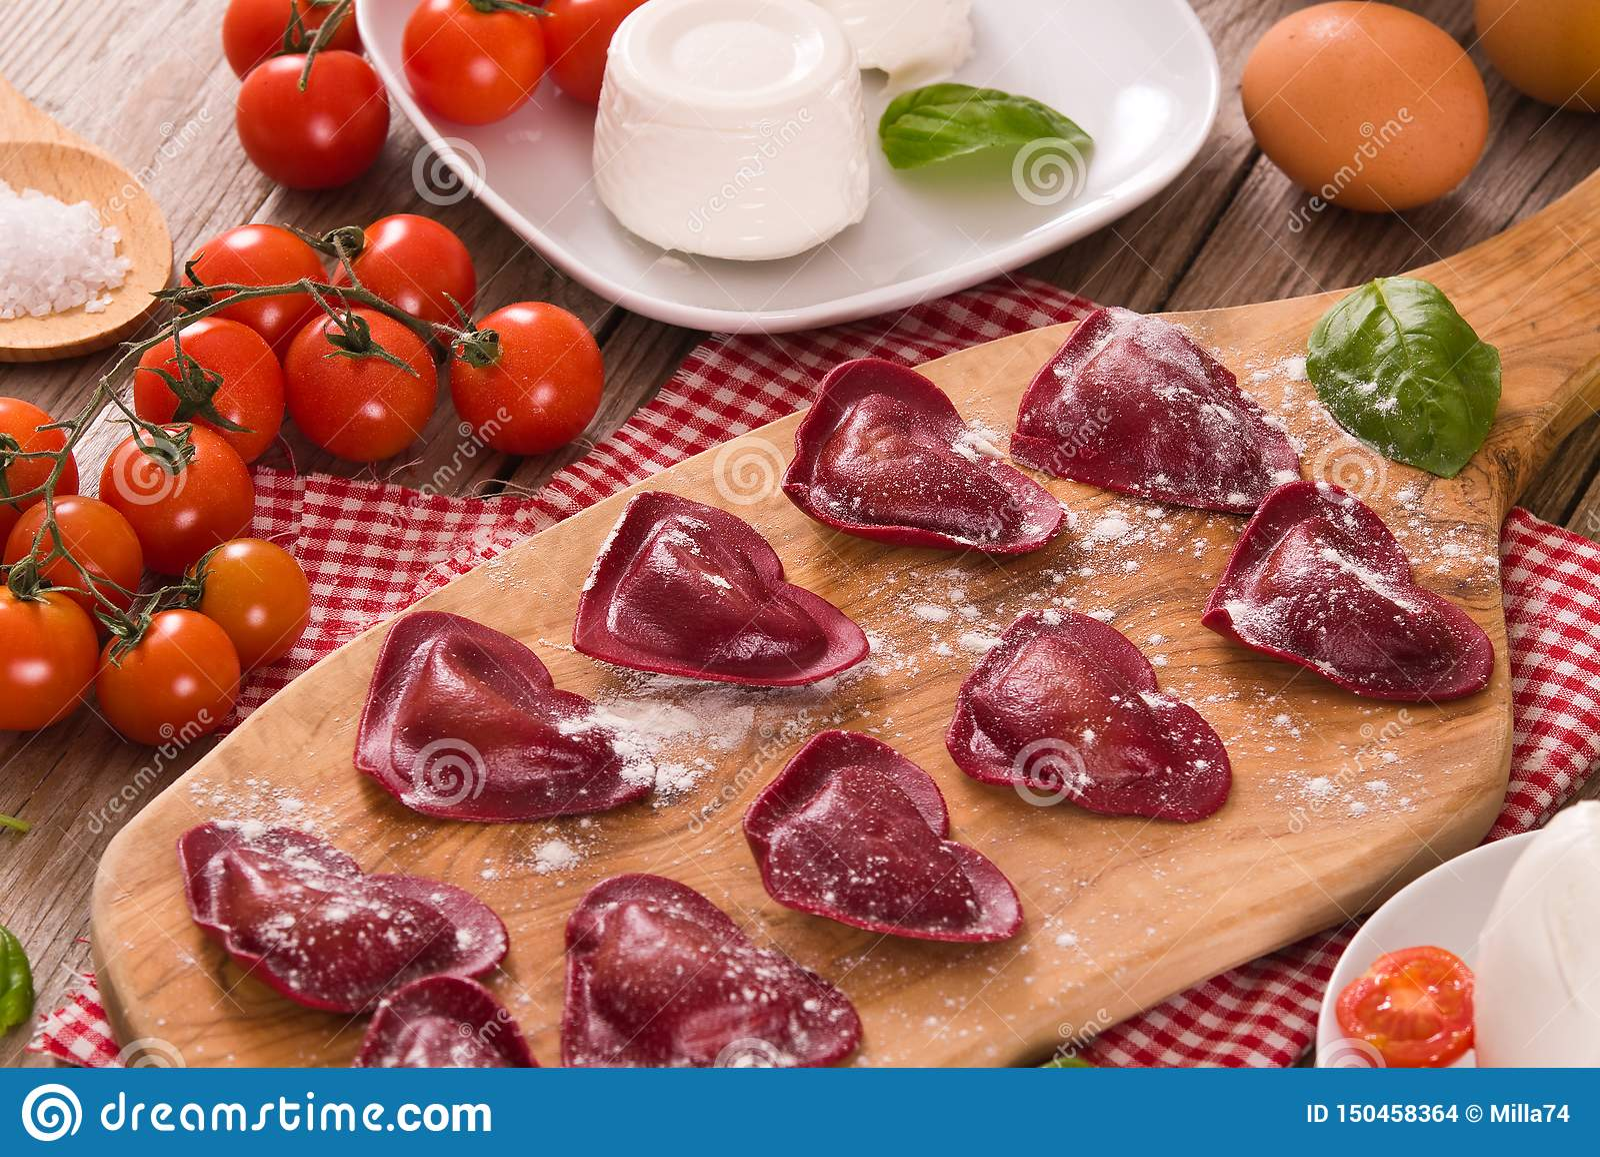 Red heart r.avioli with tomato, mozzarella and basil.